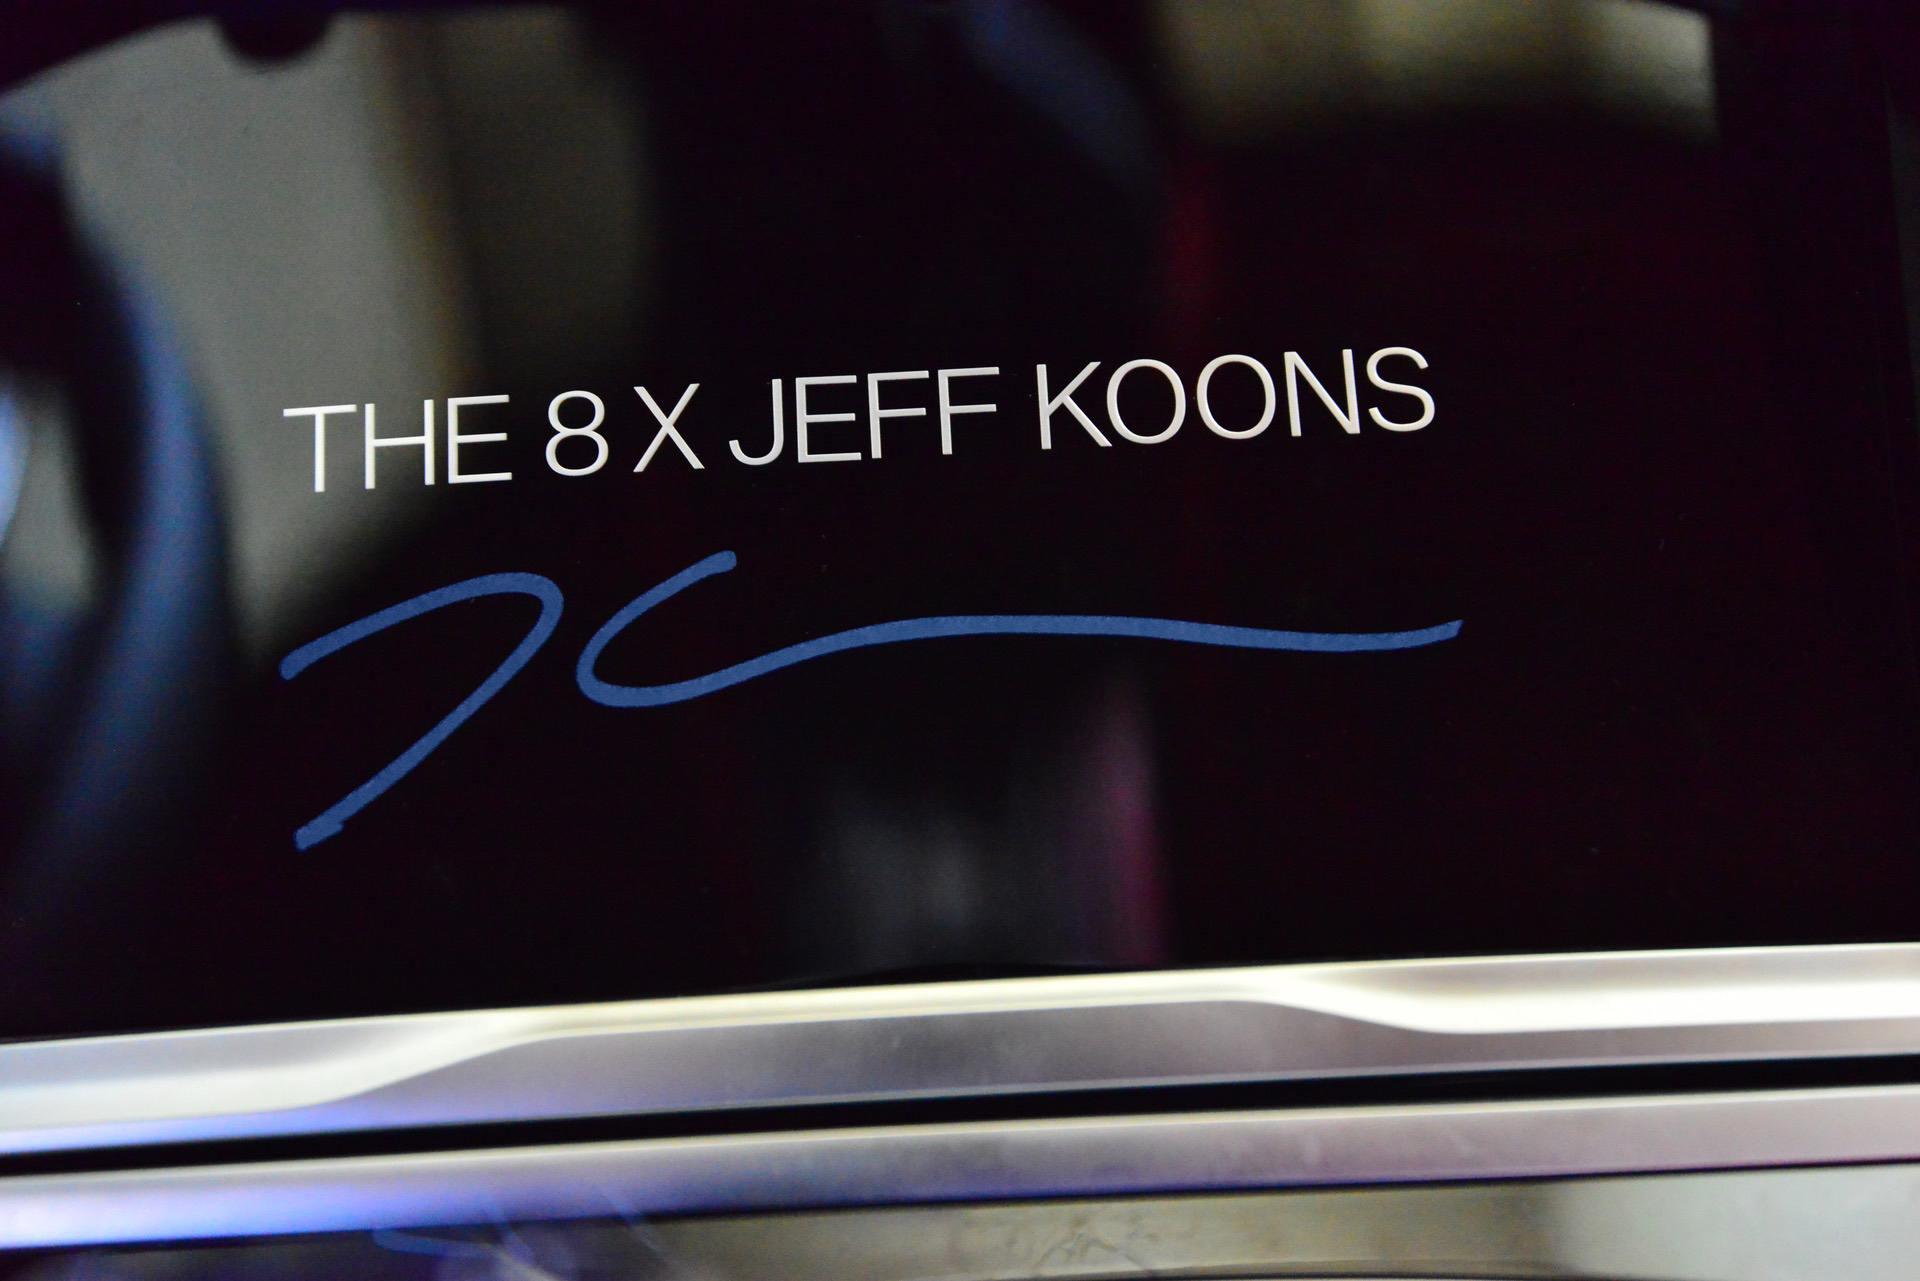 THE 8 JEFF KOONS 02